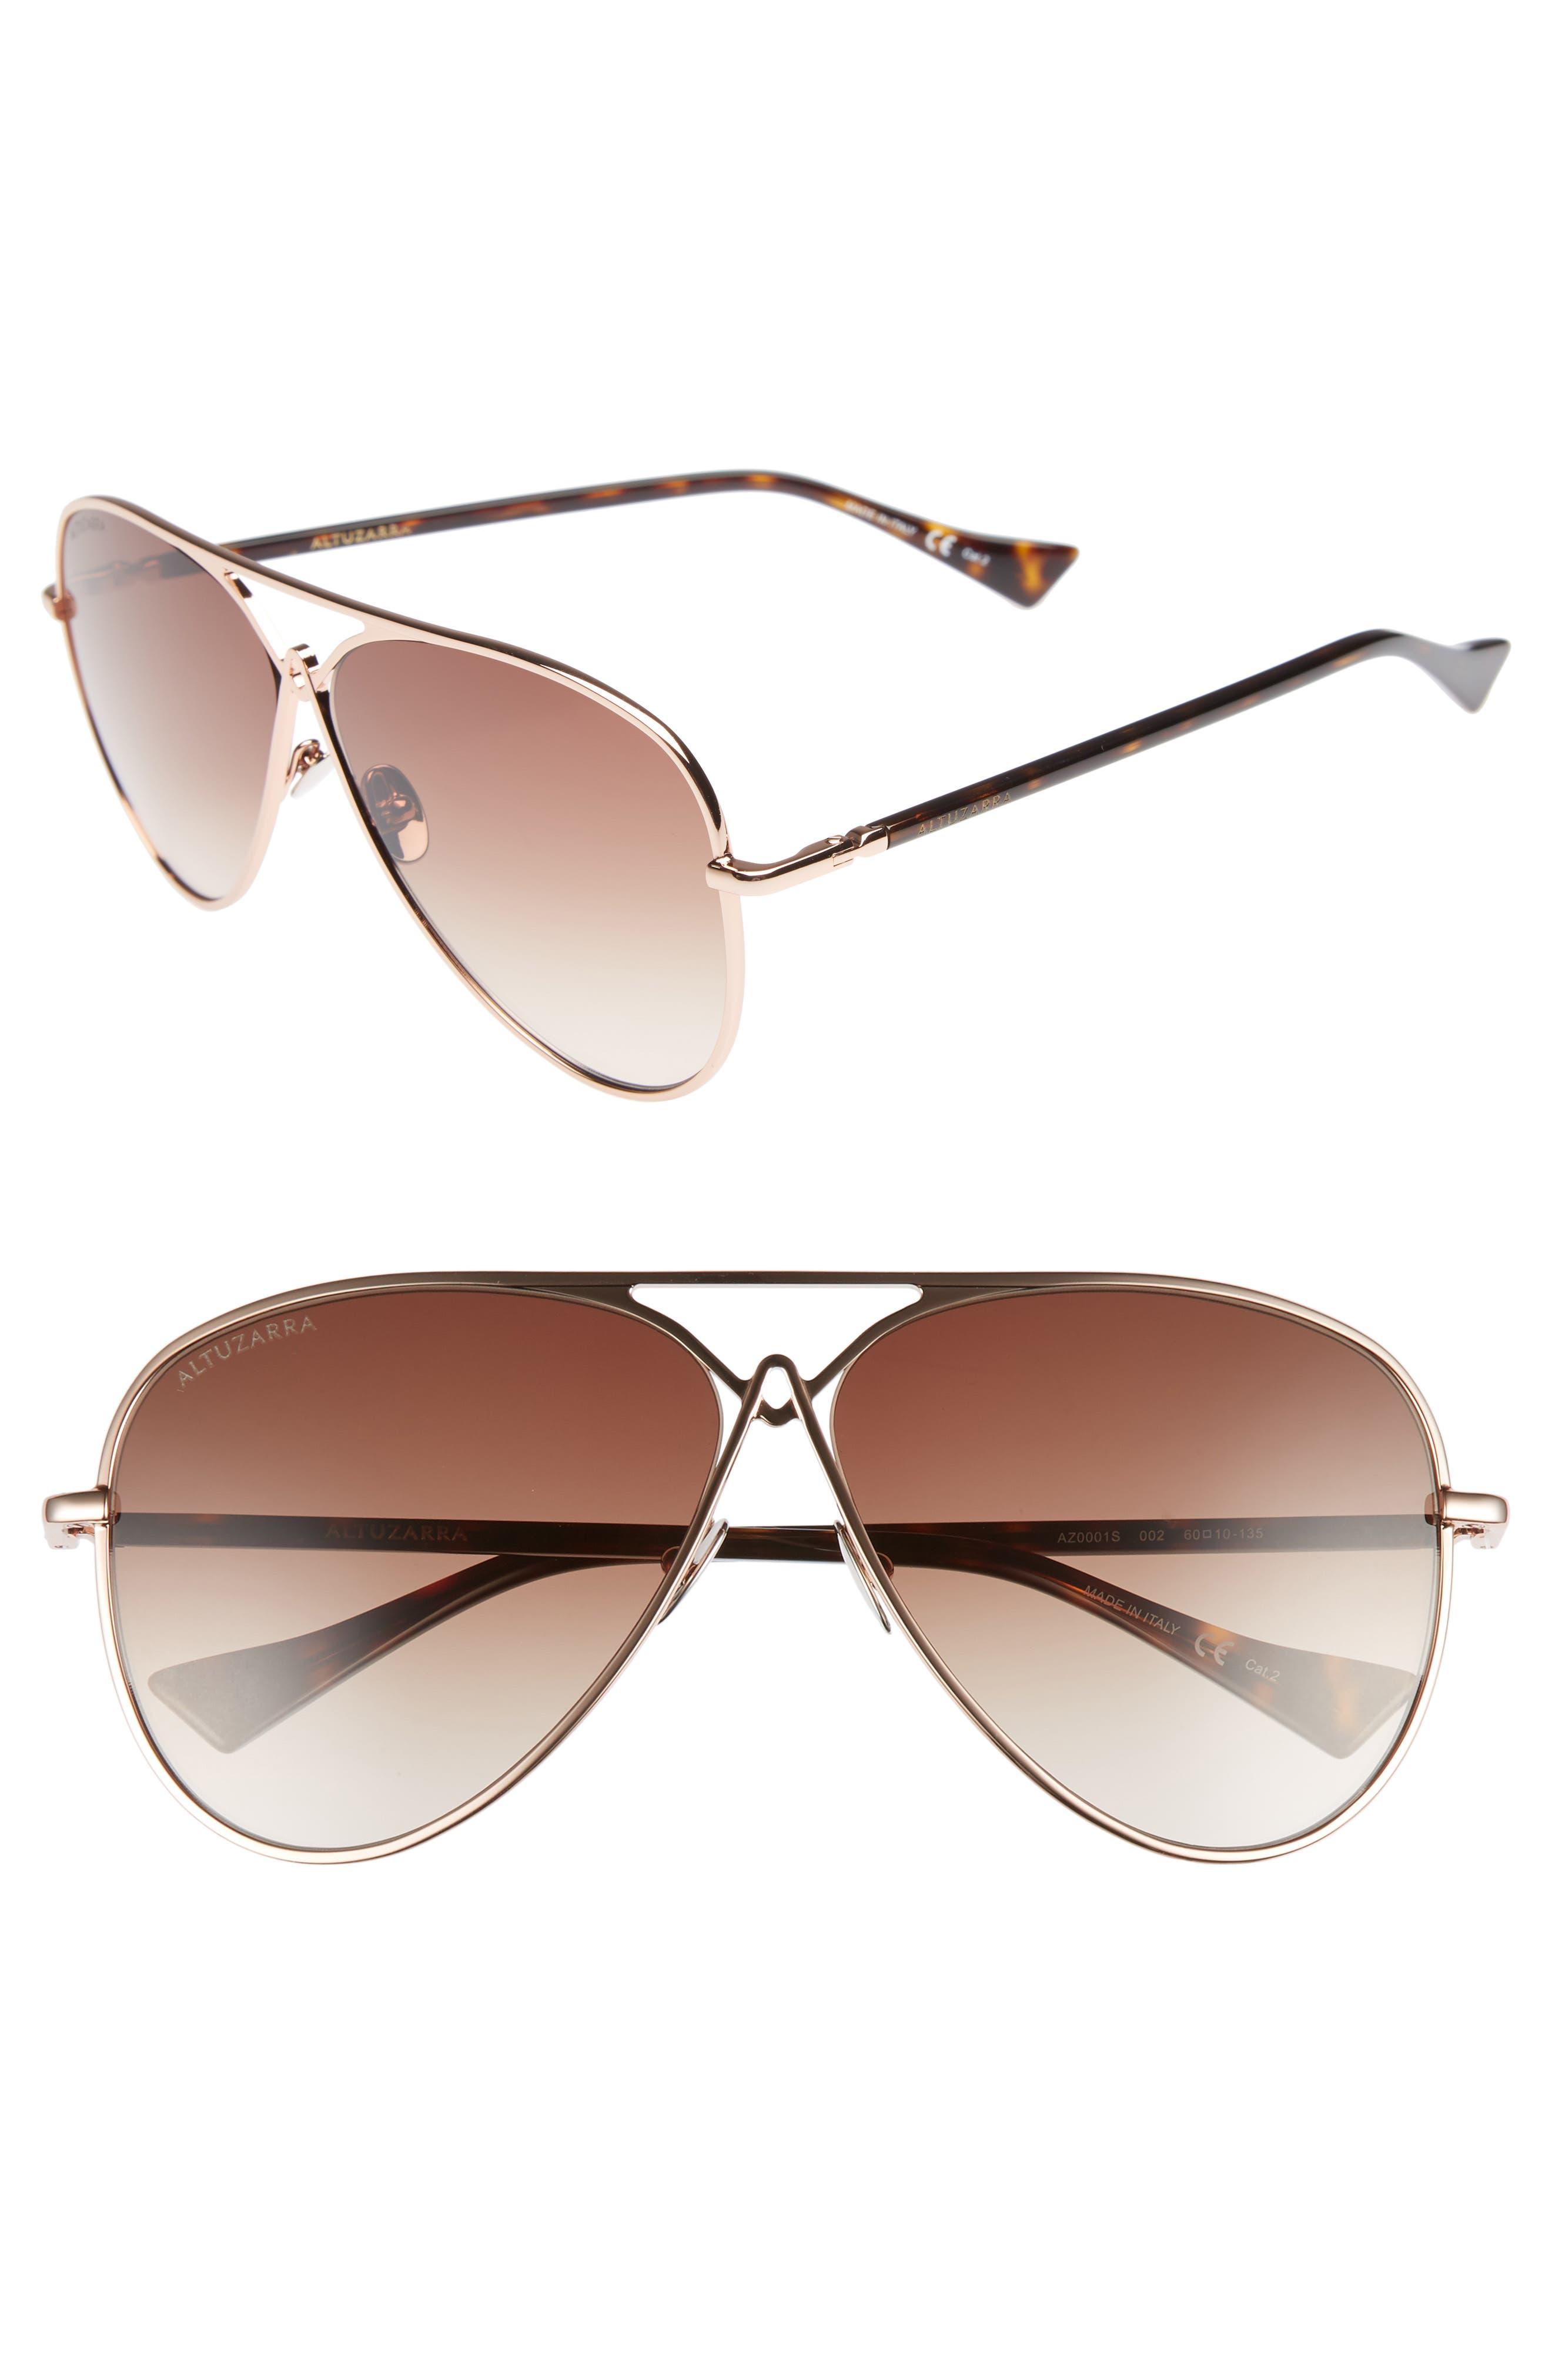 60mm Metal Aviator Sunglasses,                             Main thumbnail 1, color,                             ROSE GOLD